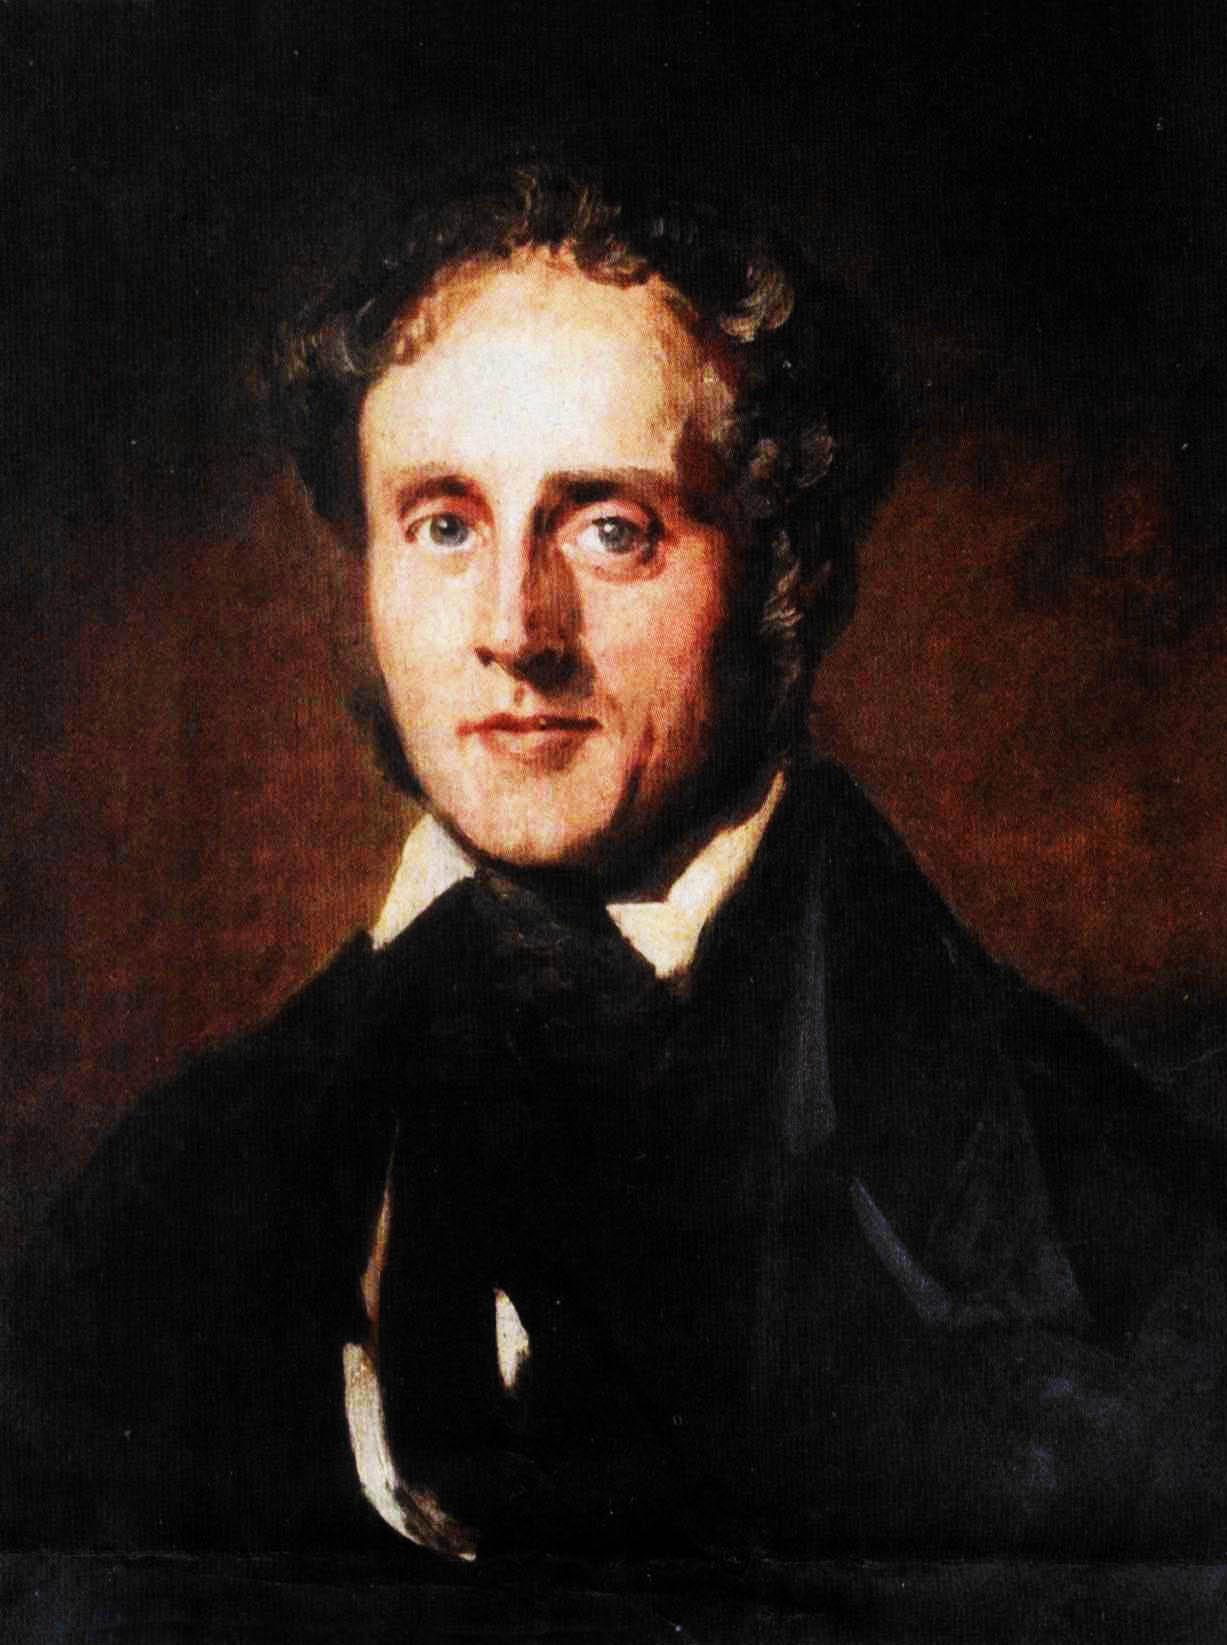 Henry John Temple, de derde Viscount Palmerston (1784-1865); details van een schilderij toegeschreven aan hofschilder Franz Xaver Winterhalter [Publiek domein].